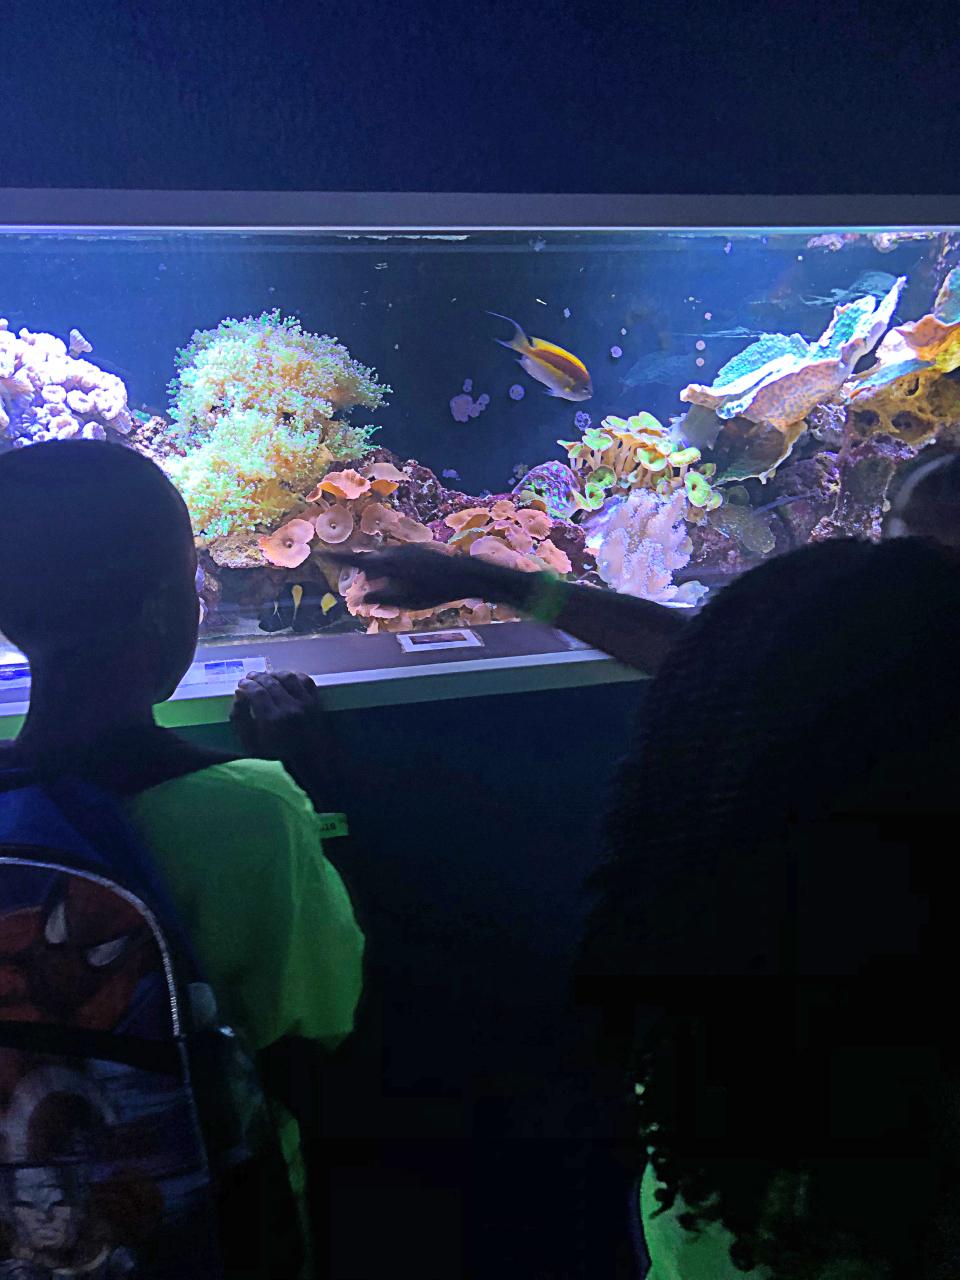 Annie R Morgan Summer 2019 Aquarium 7.jpg